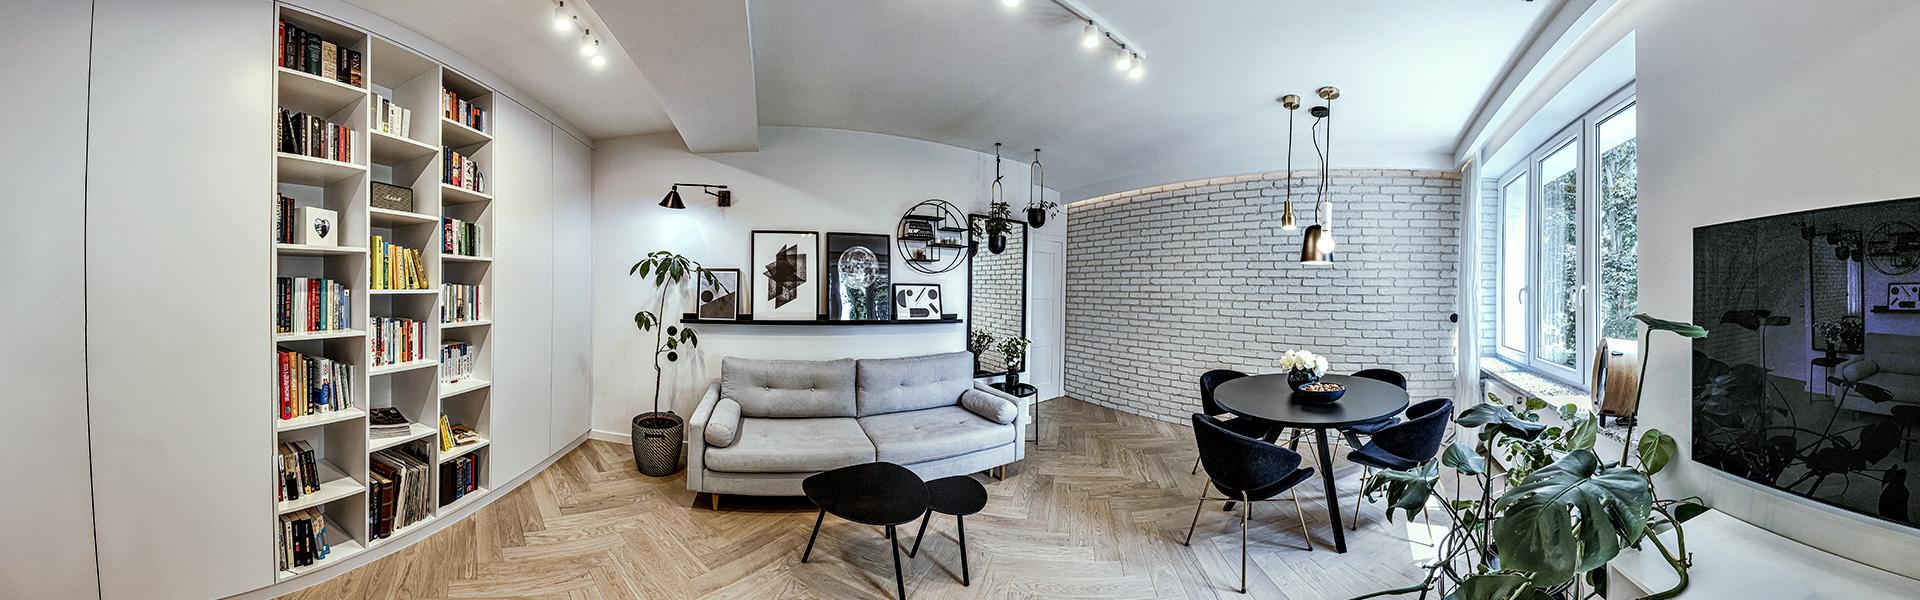 Bardzo przestronna szafa na szczytowej ścianie (na zdj. po lewej), dla niepoznaki przepleciona książkowym regałem, dobrze wkomponowuje się we wnętrze salonu.